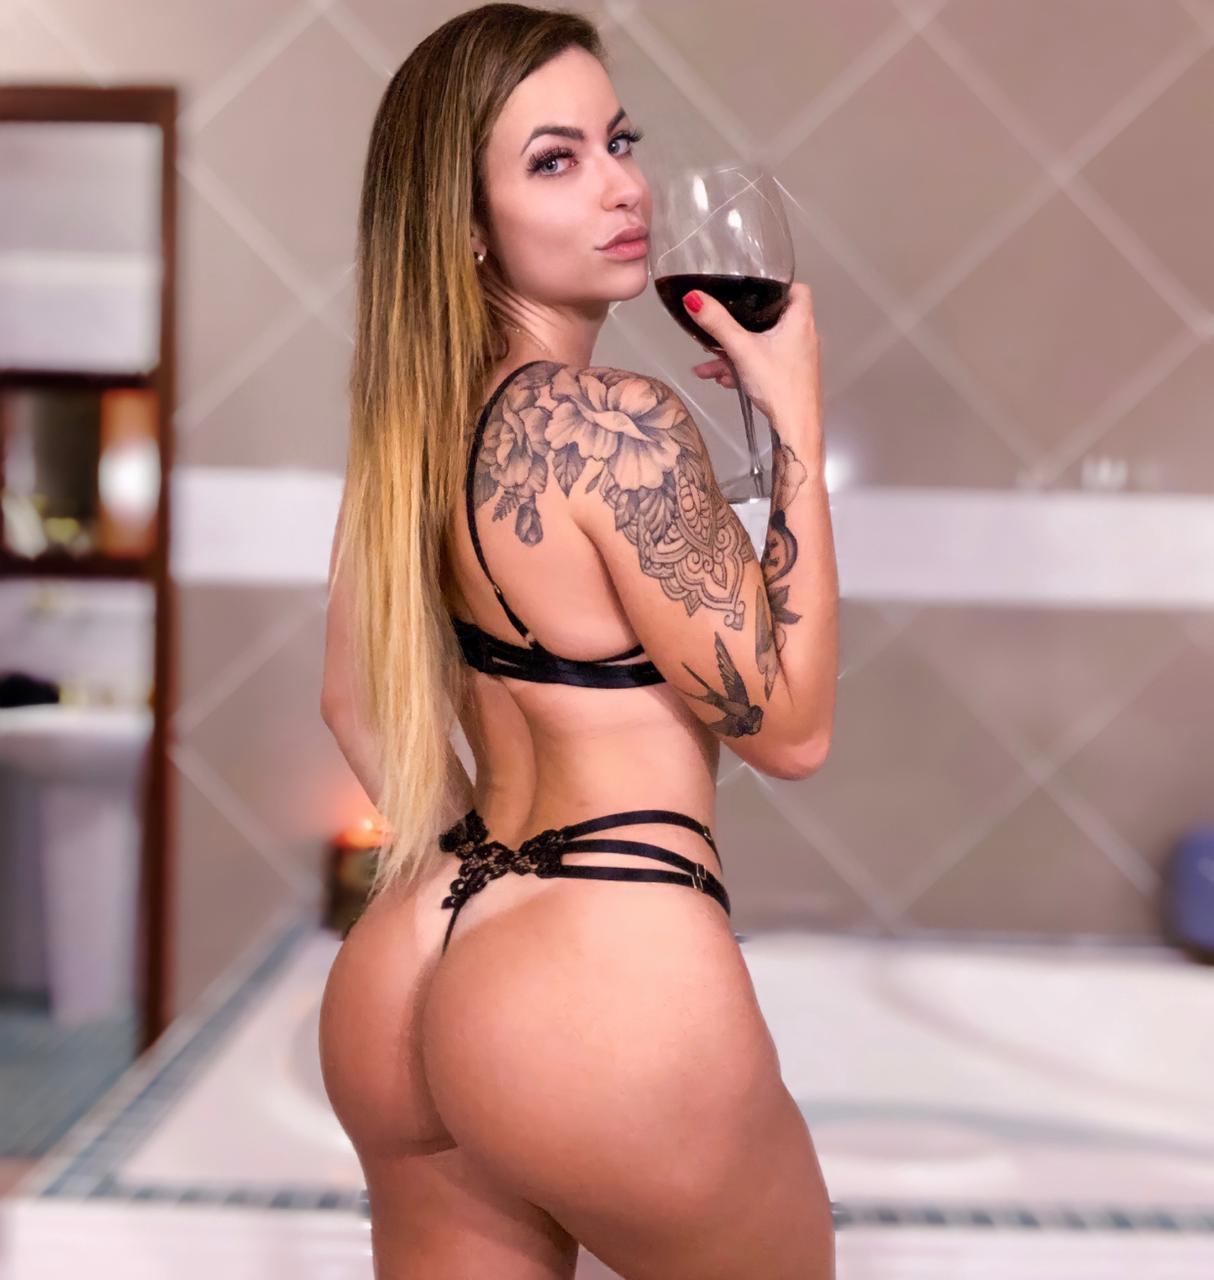 Melissa Lameira, do Onlyfans